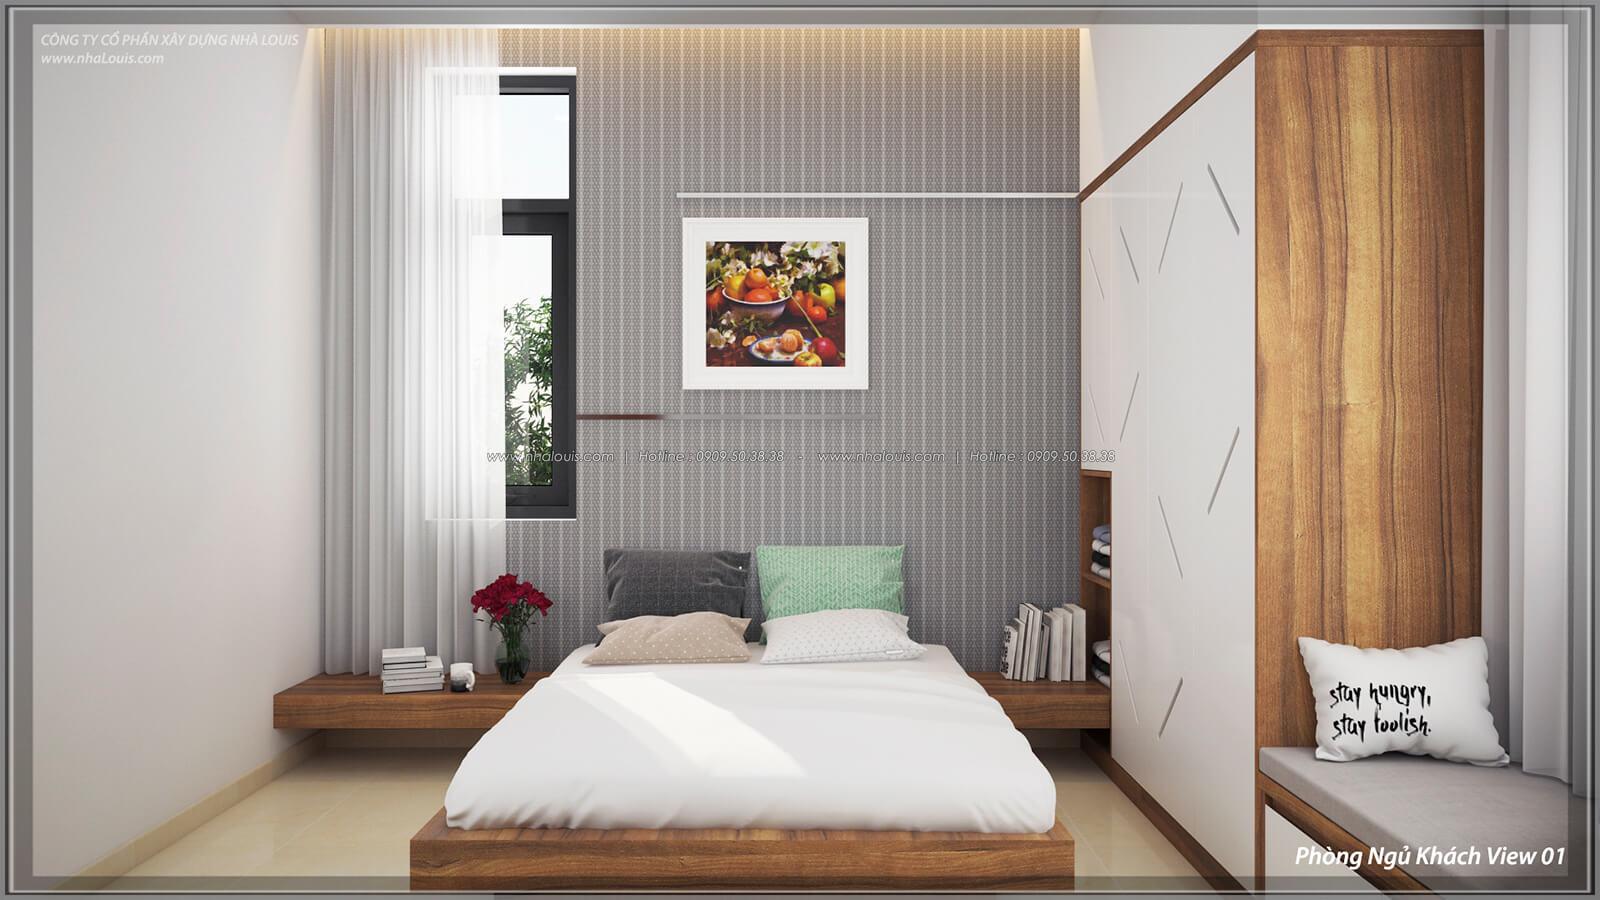 Phòng ngủ cho khách Thiết kế nội thất biệt thự cao cấp Lucasta Villa 5 sao tại Quận 9 - 43